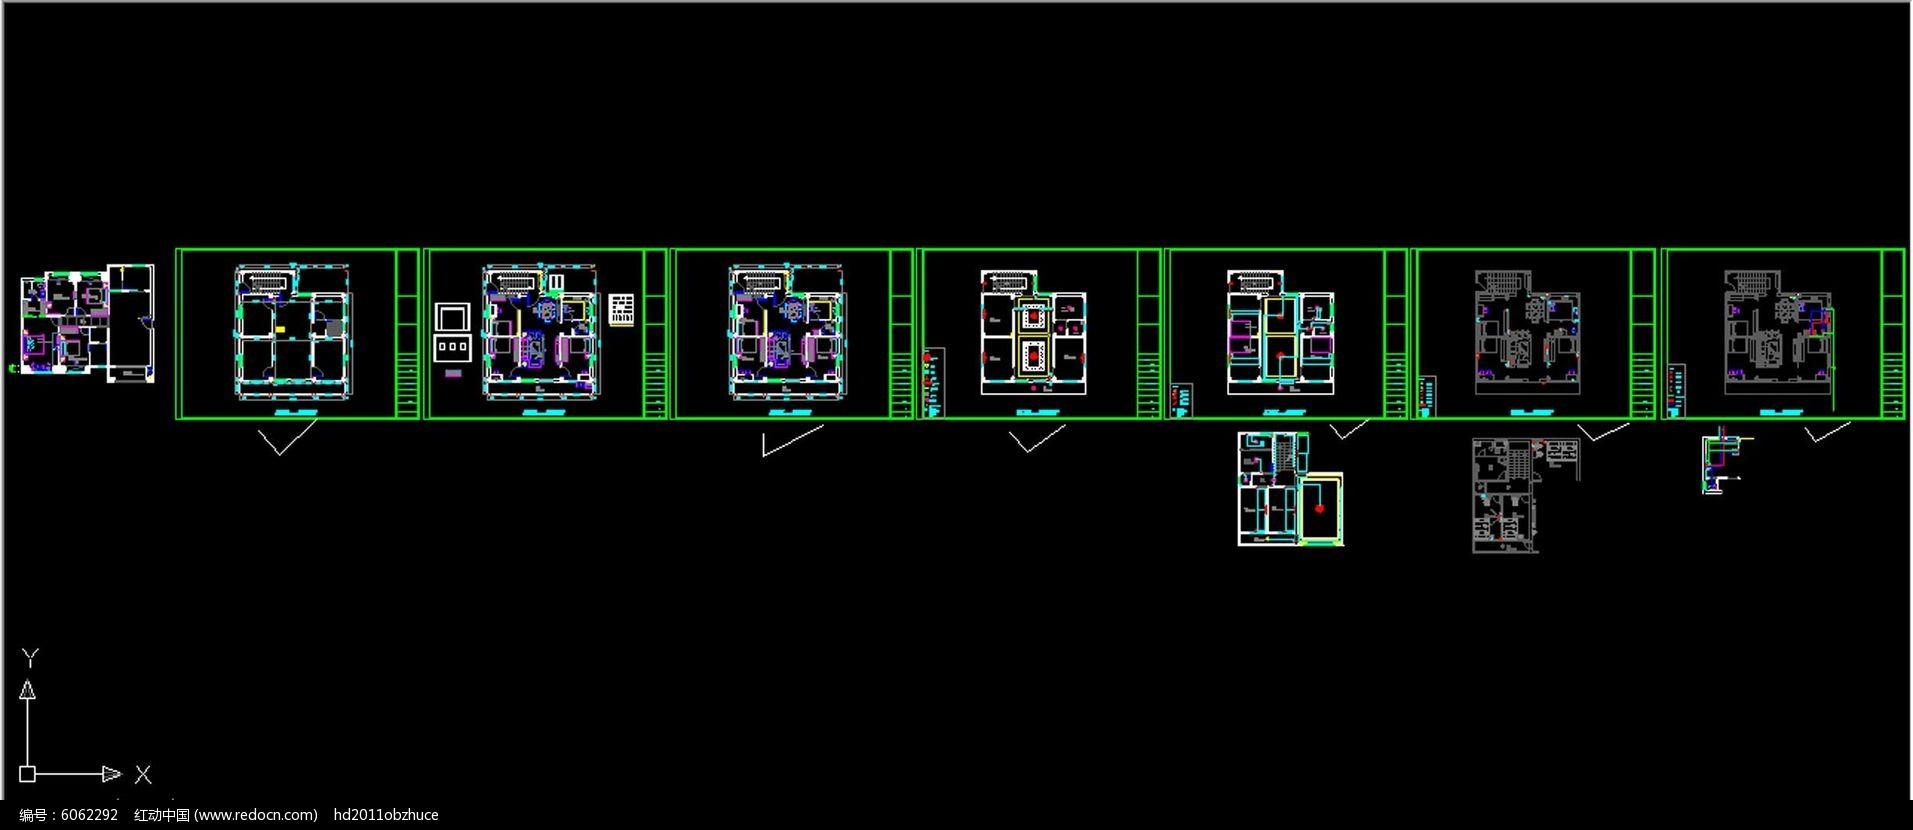 红动网提供室内装修精品原创素材下载,您当前访问作品主题是一套CAD家庭室内装修设计施工图纸,编号是6106270,文件格式是CAD,建议使用AutoCAD 2017及以上版本打开文件,您下载的是一个压缩包文件,请解压后再使用设计软件打开,色彩模式是RGB,,素材大小 是546.96 KB,如果您喜欢本作品,请使用上方的分享功能,分享给您的朋友,可以给他们的设计工作带来便利。